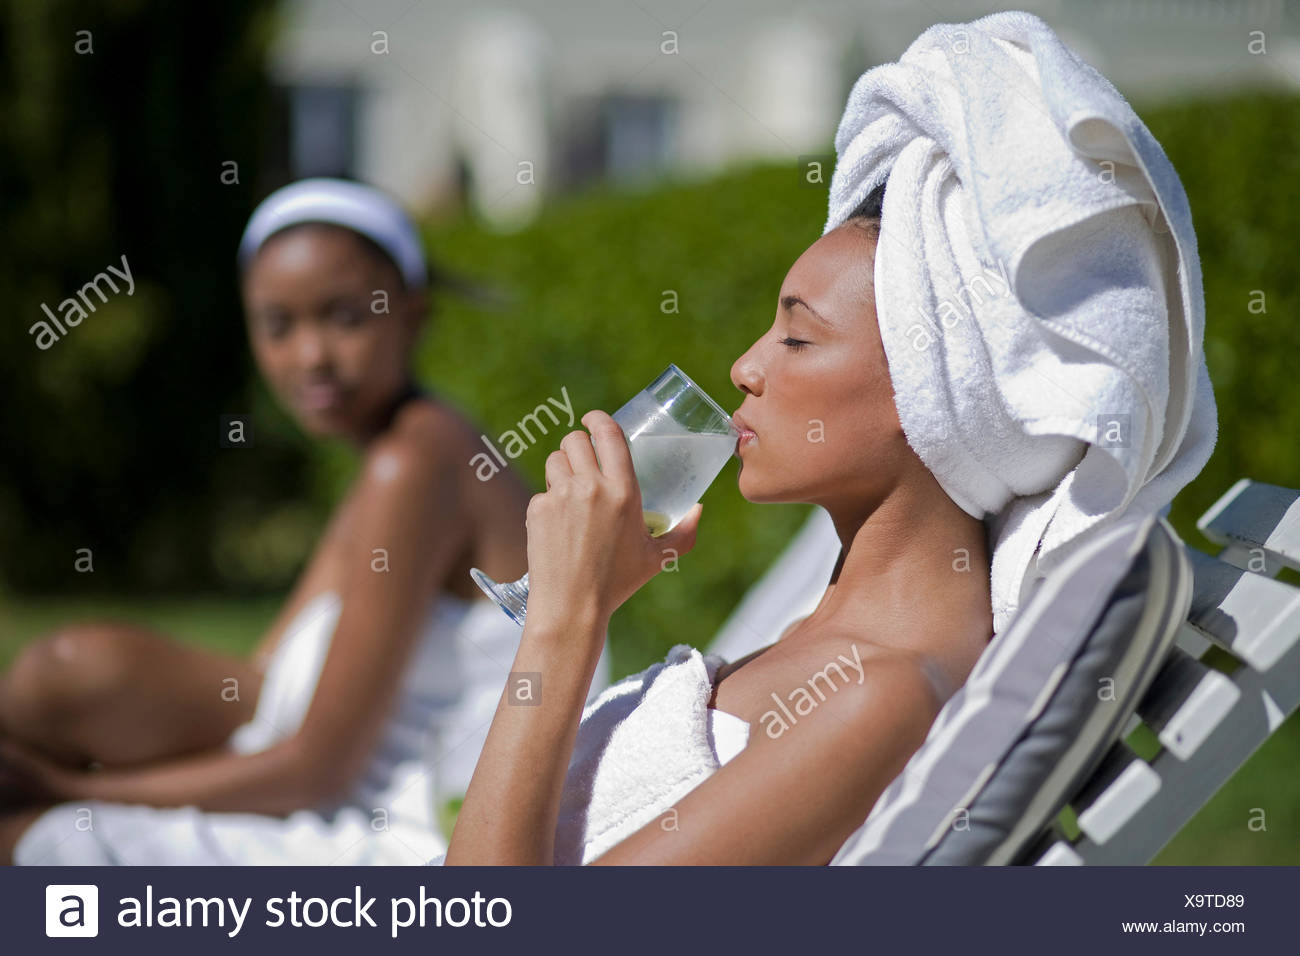 Las mujeres jóvenes están disfrutando de un día de spa y wellness Imagen De Stock